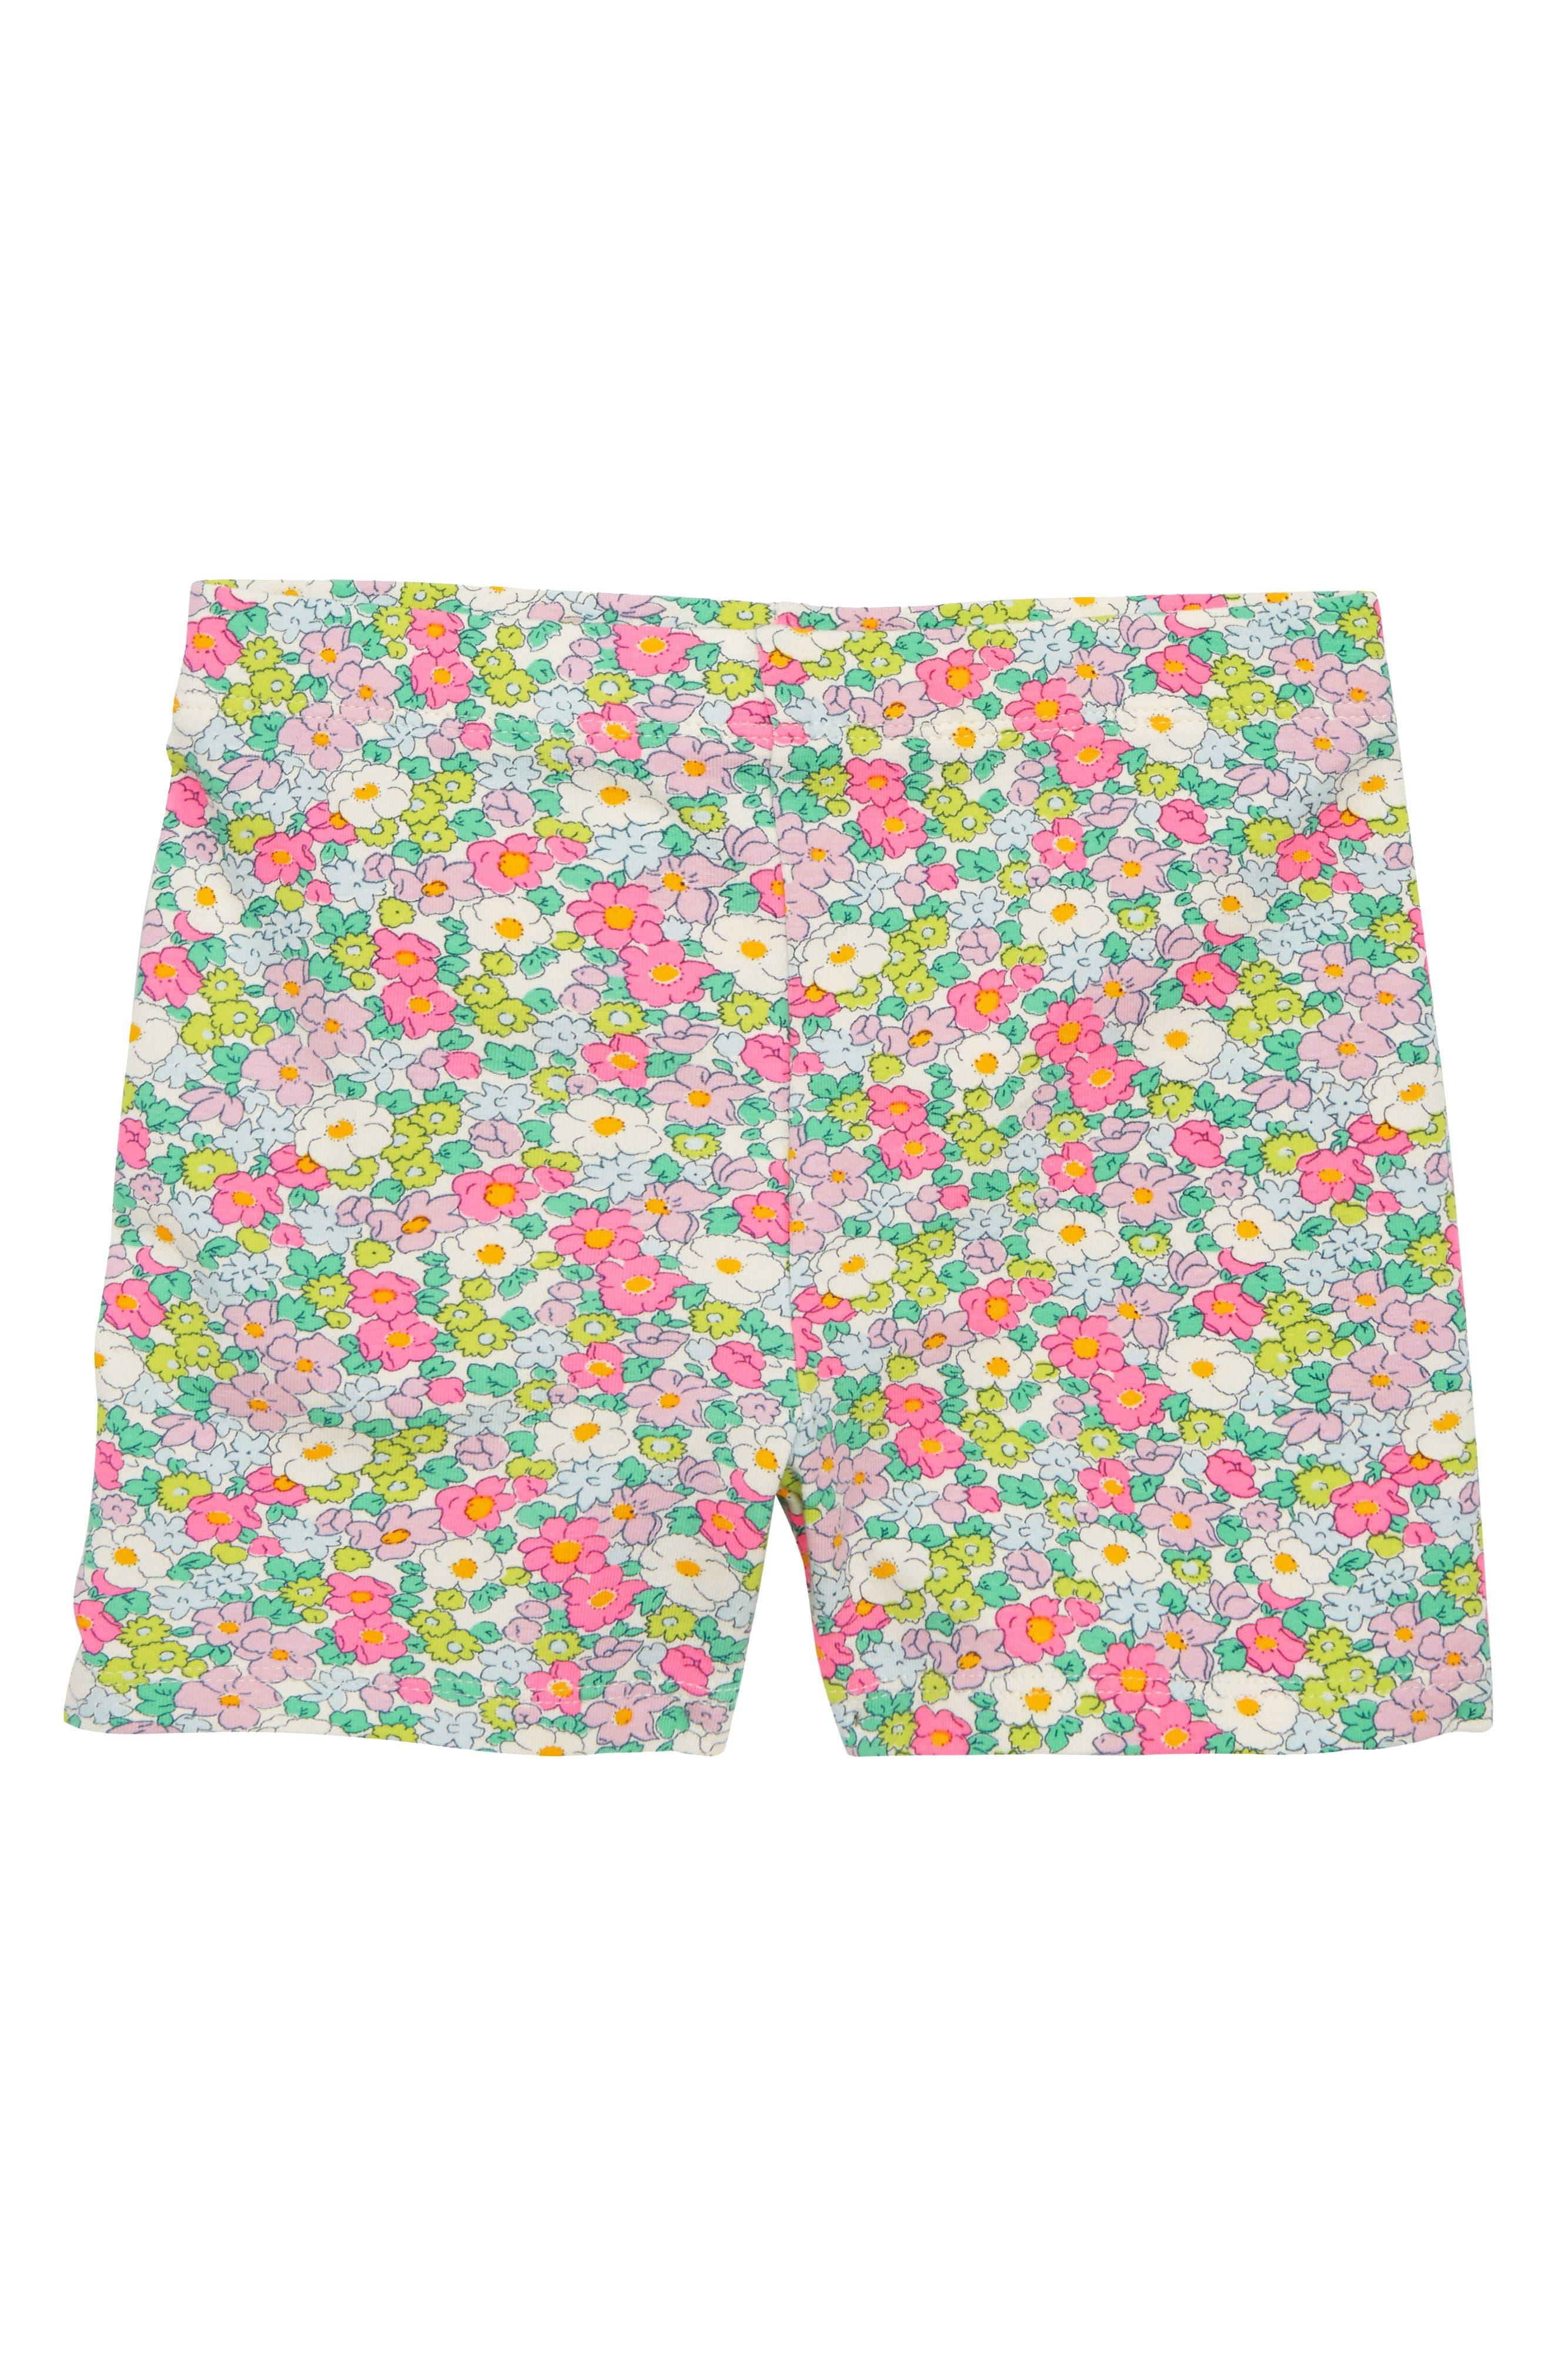 Jersey Shorts,                             Main thumbnail 1, color,                             656